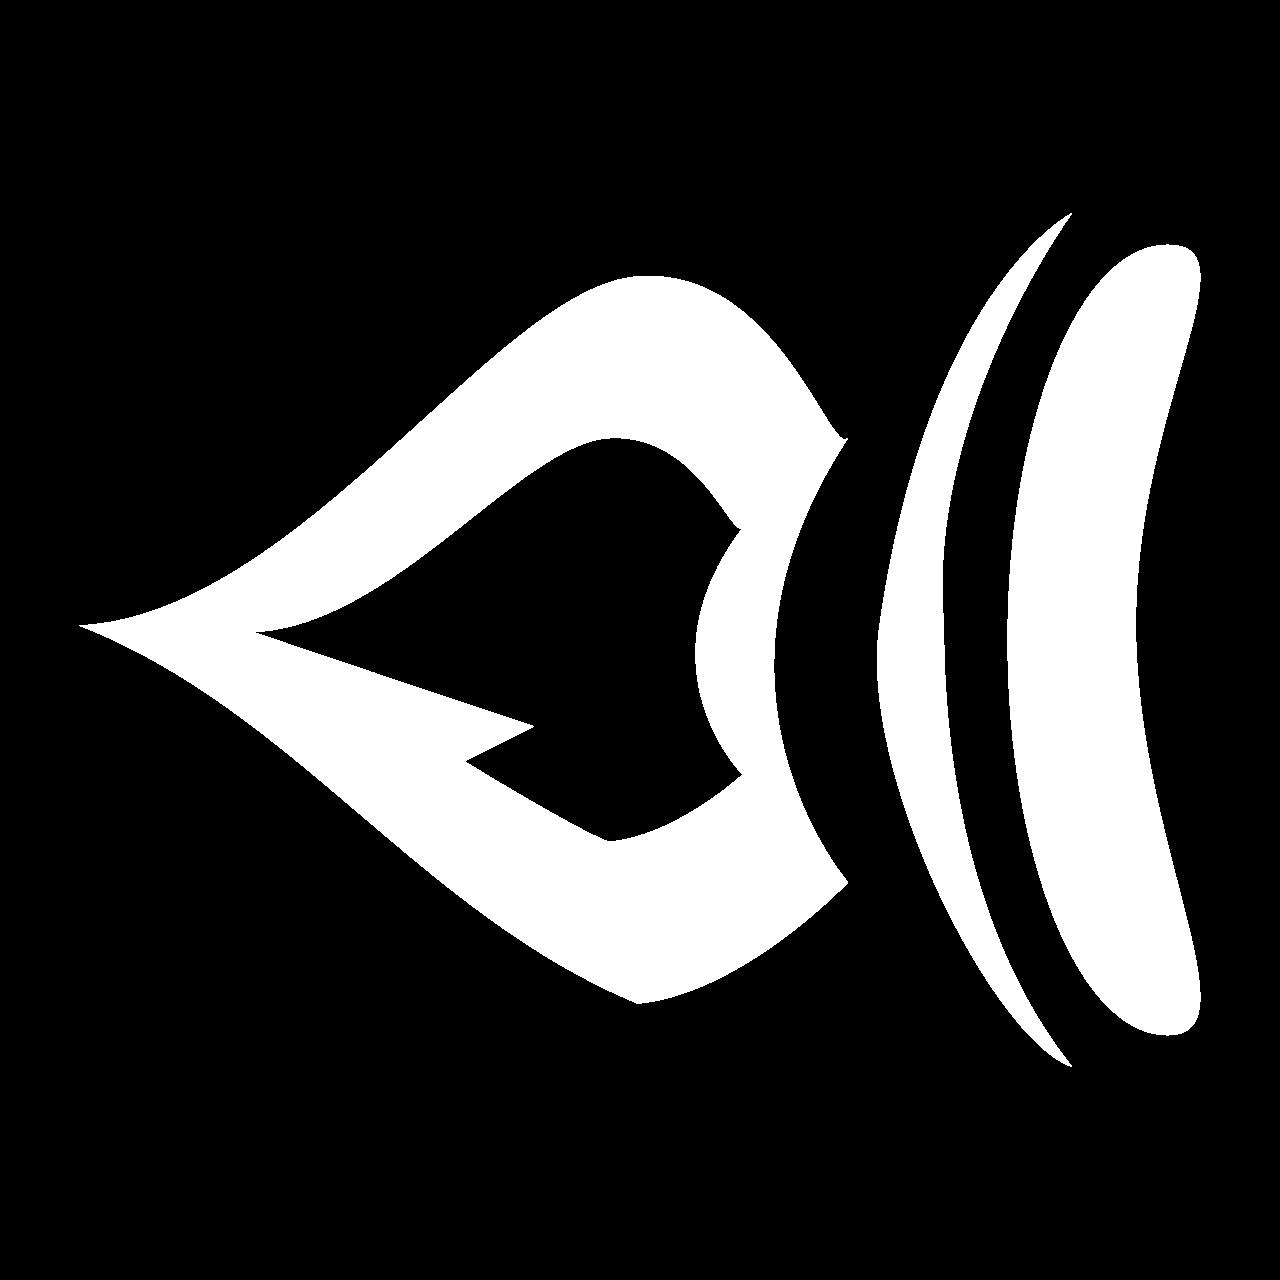 Ускоритель Иконка